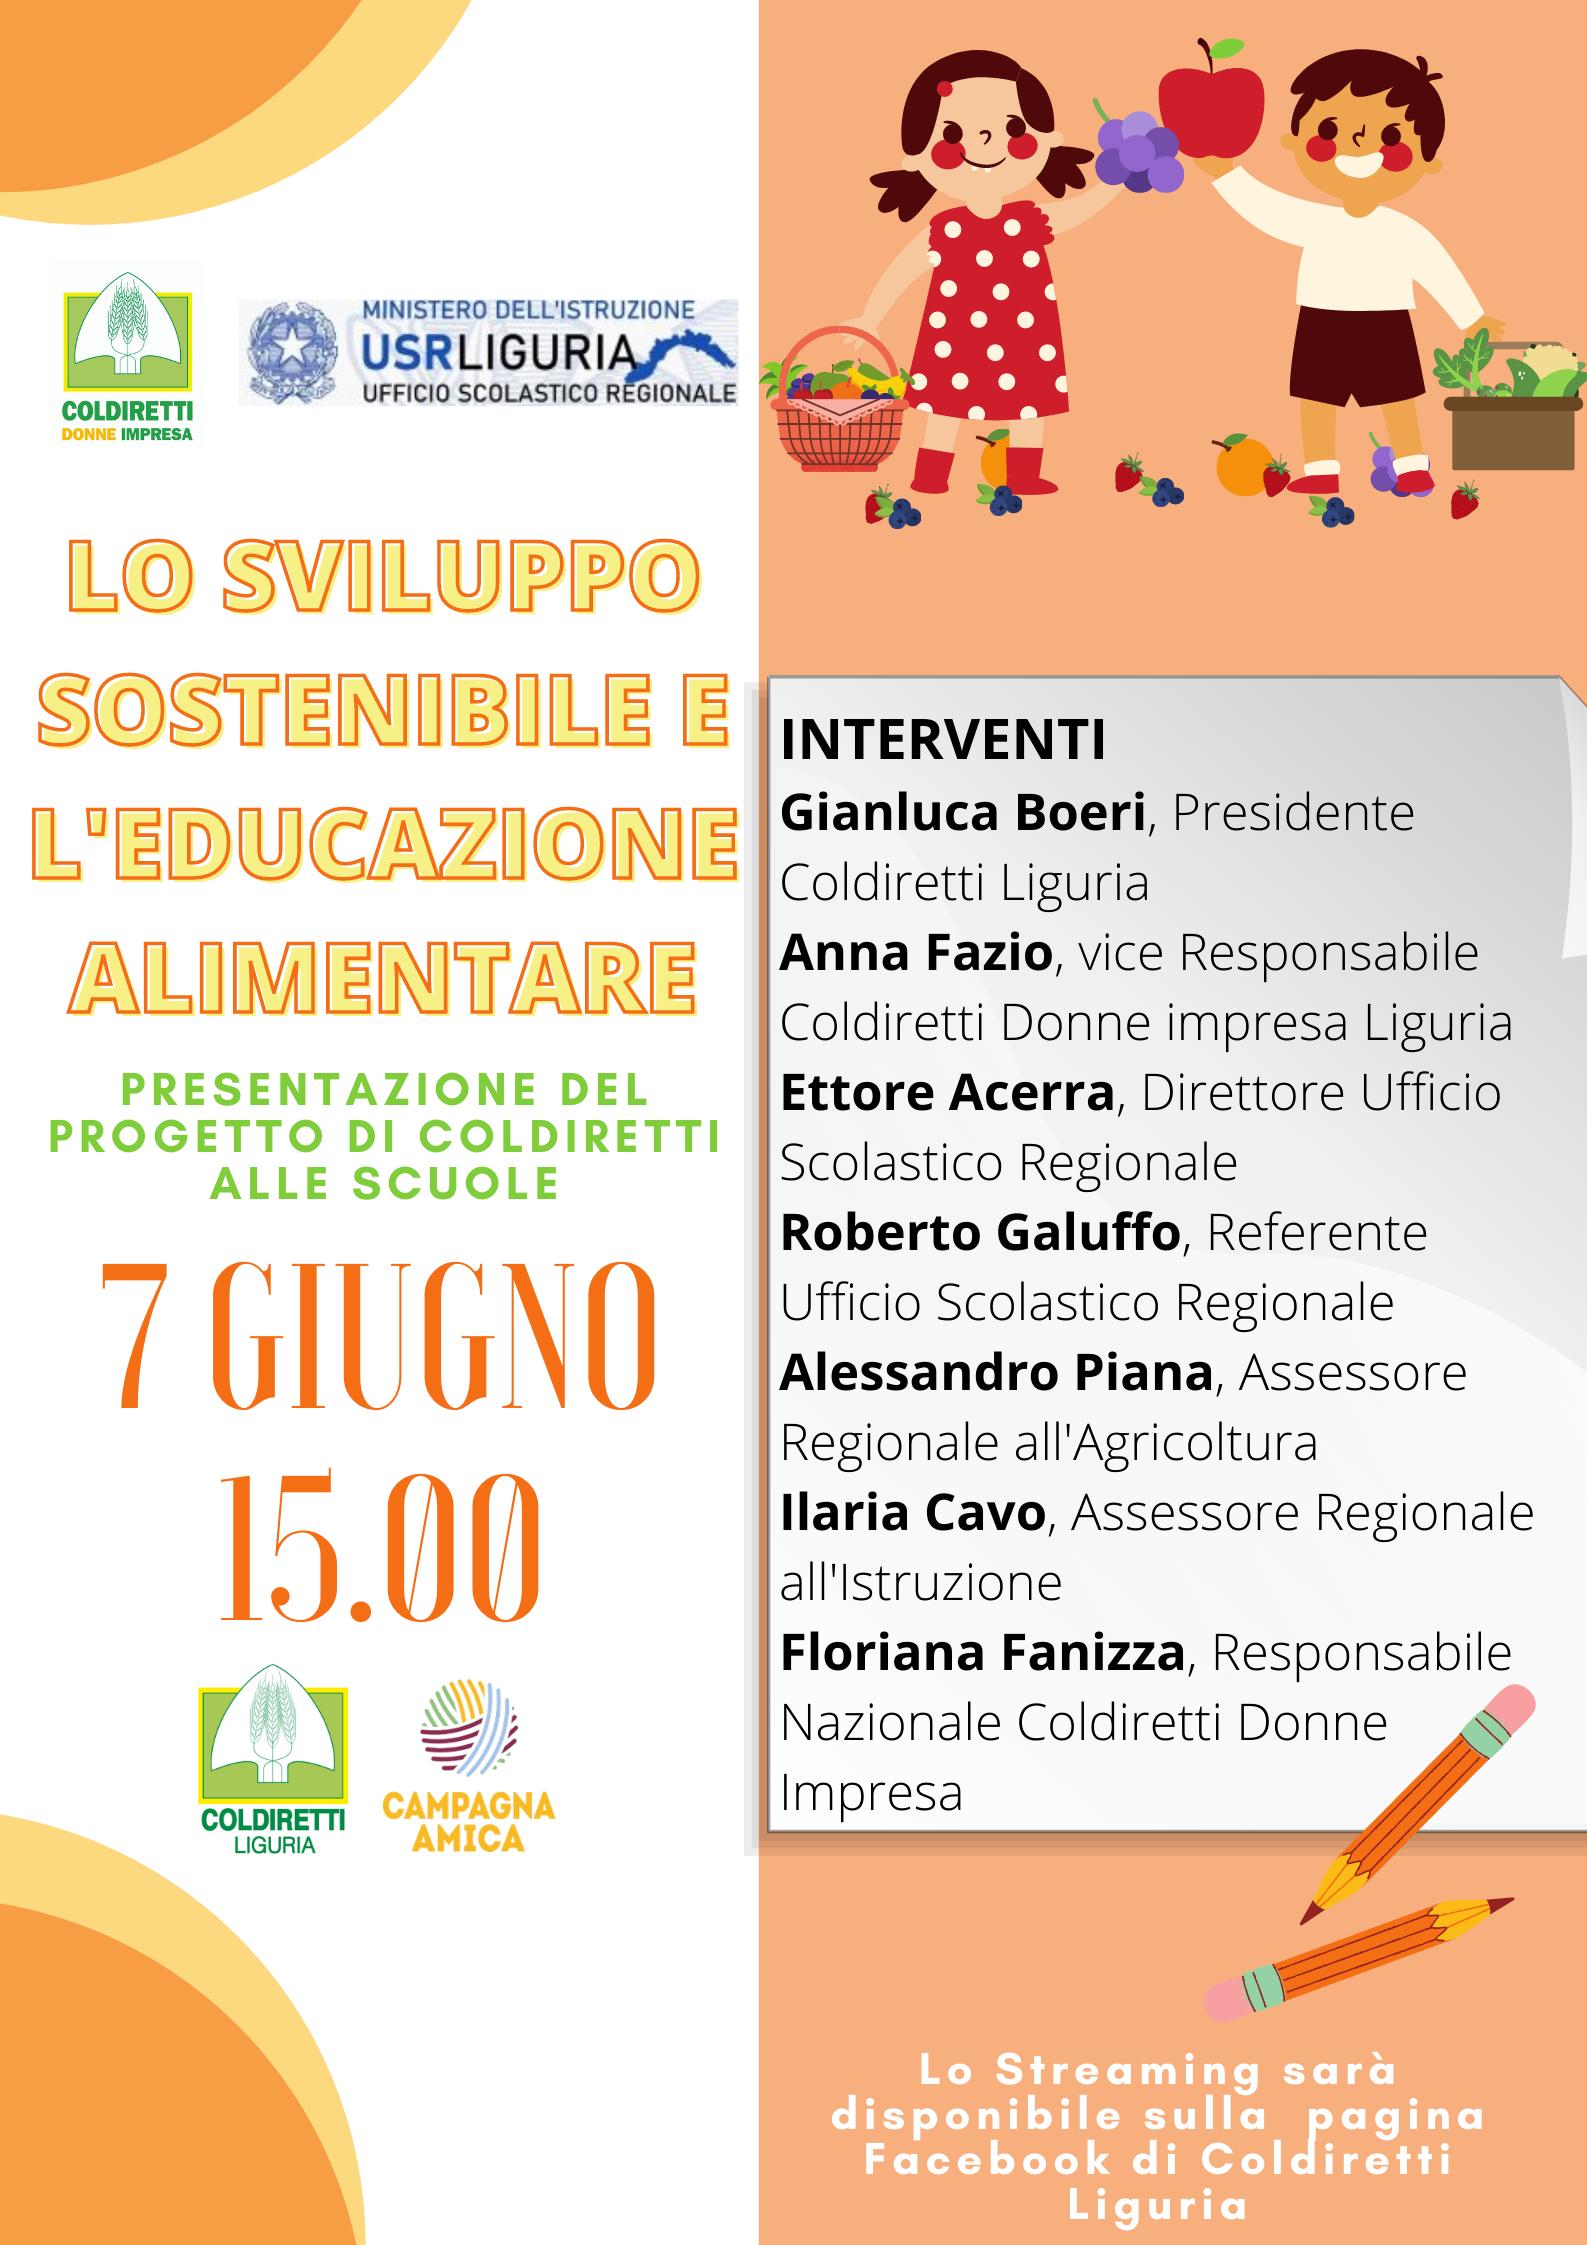 Lo Sviluppo sostenibile e l'educazione alimentare